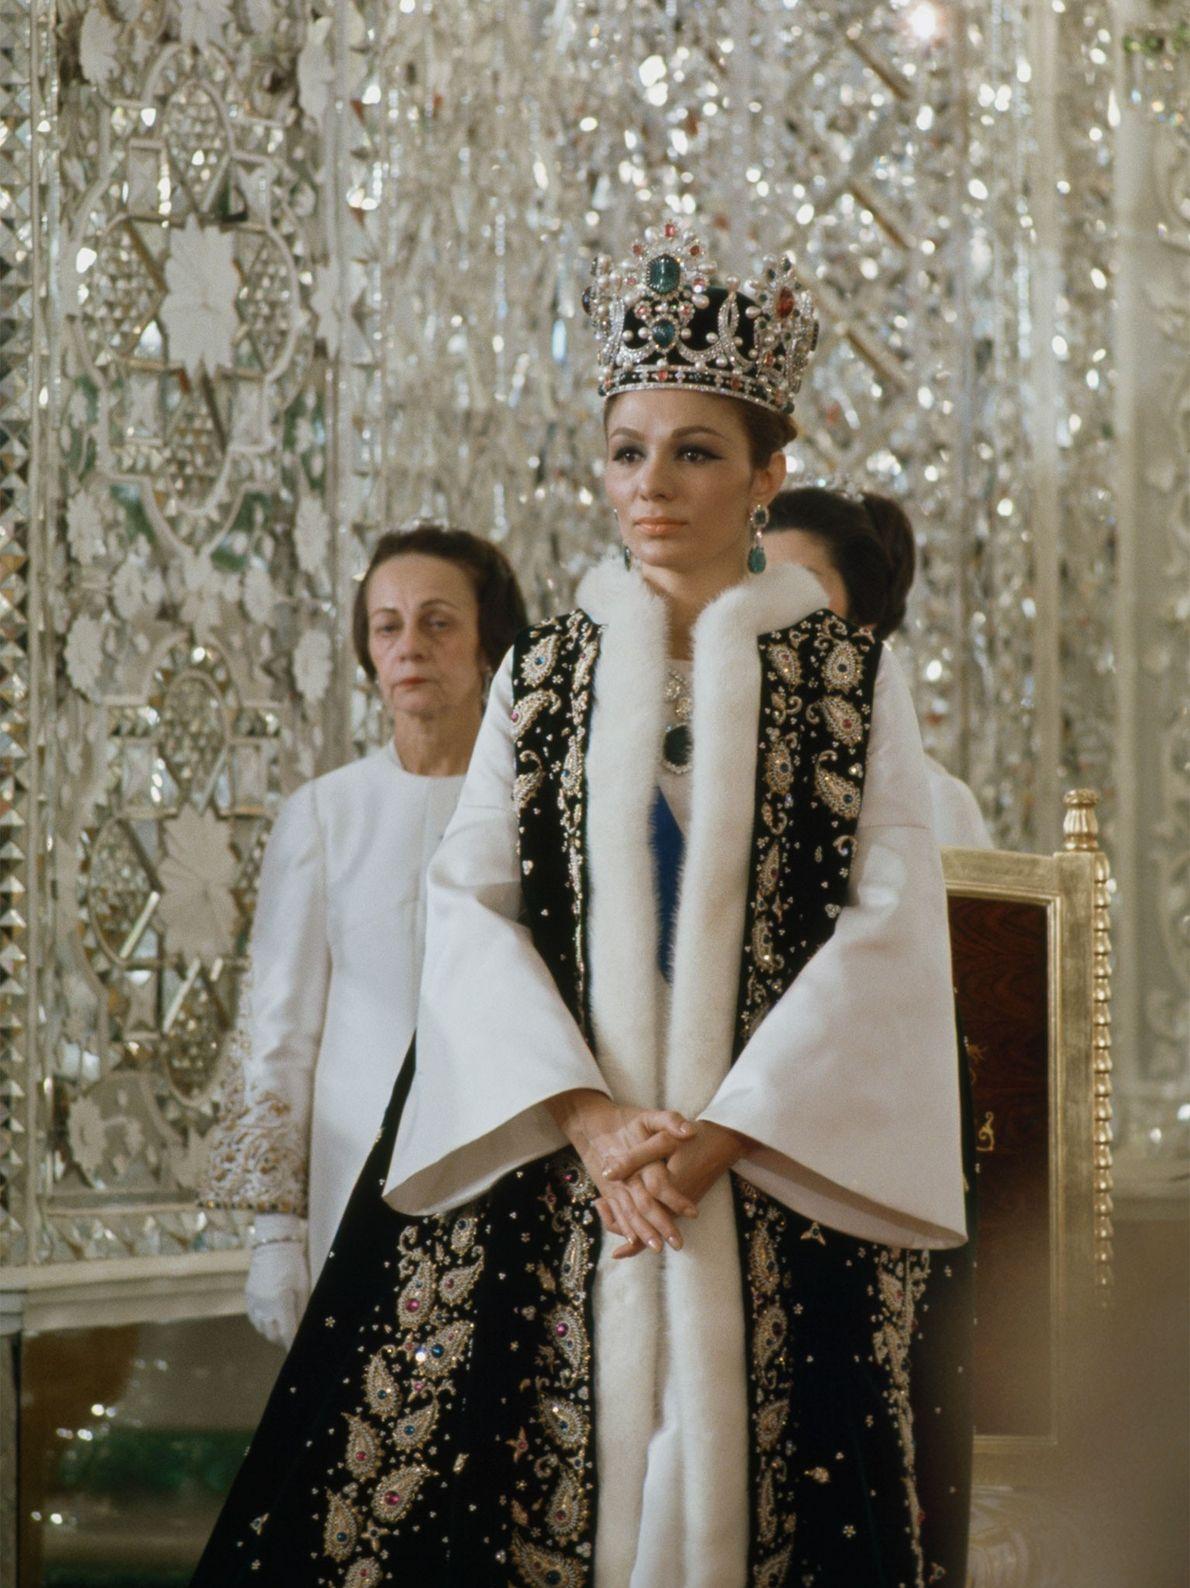 Vêtue de sa tenue de cérémonie, l'impératrice iranienne Farah Pahlavi traverse le Palais du Golestan. Veuve ...